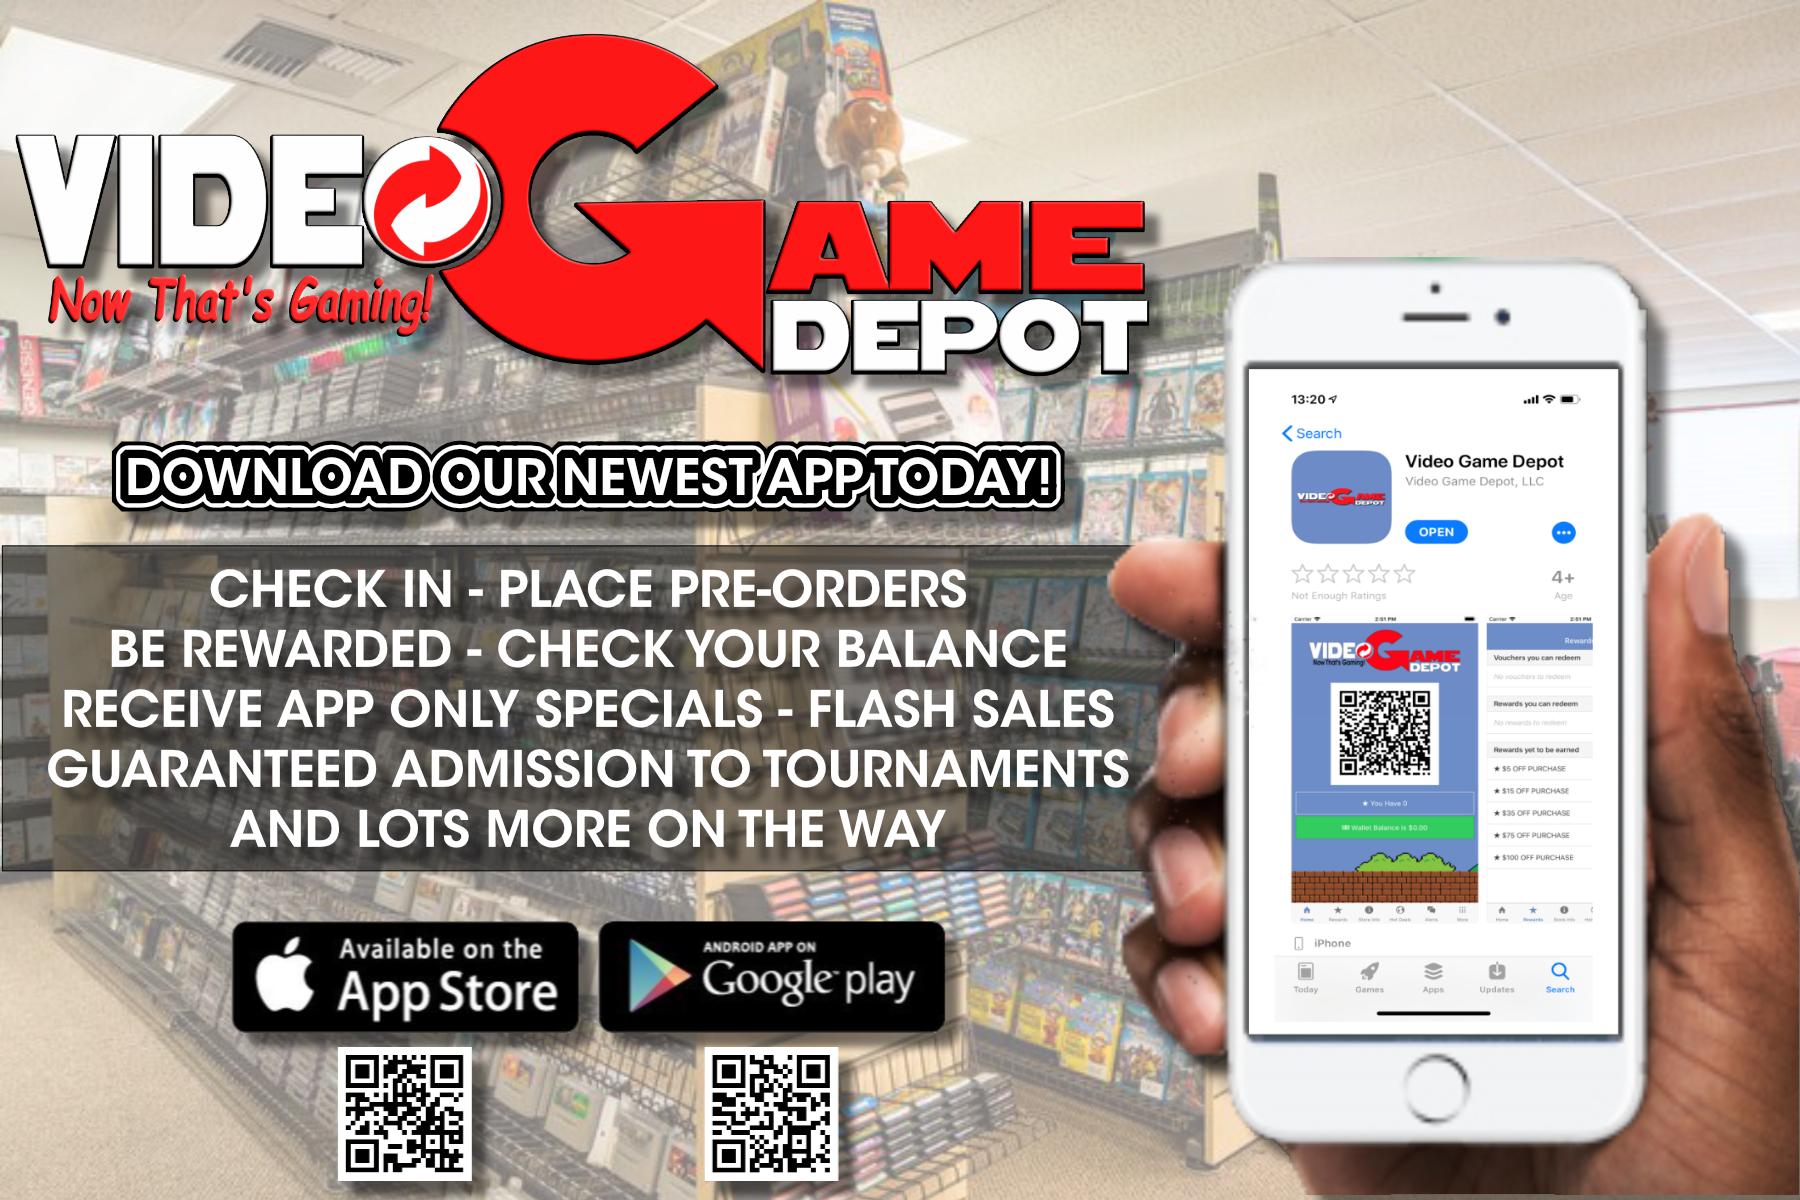 vgd-app-ad-pt1.jpg